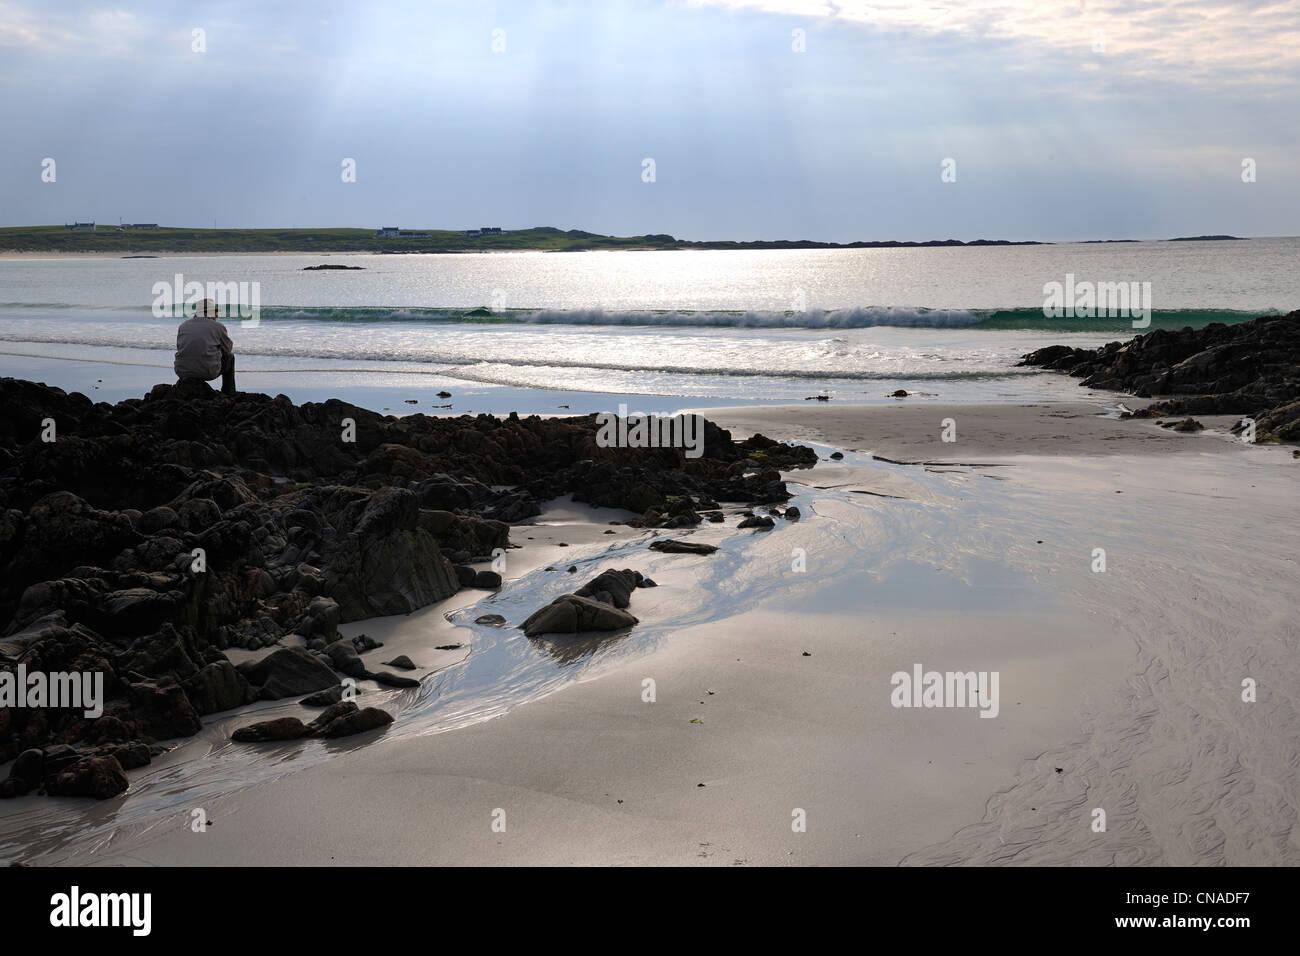 United Kingdom, Scotland, Inner Hebrides, Isle of Tiree, Balephetrish Bay beach - Stock Image